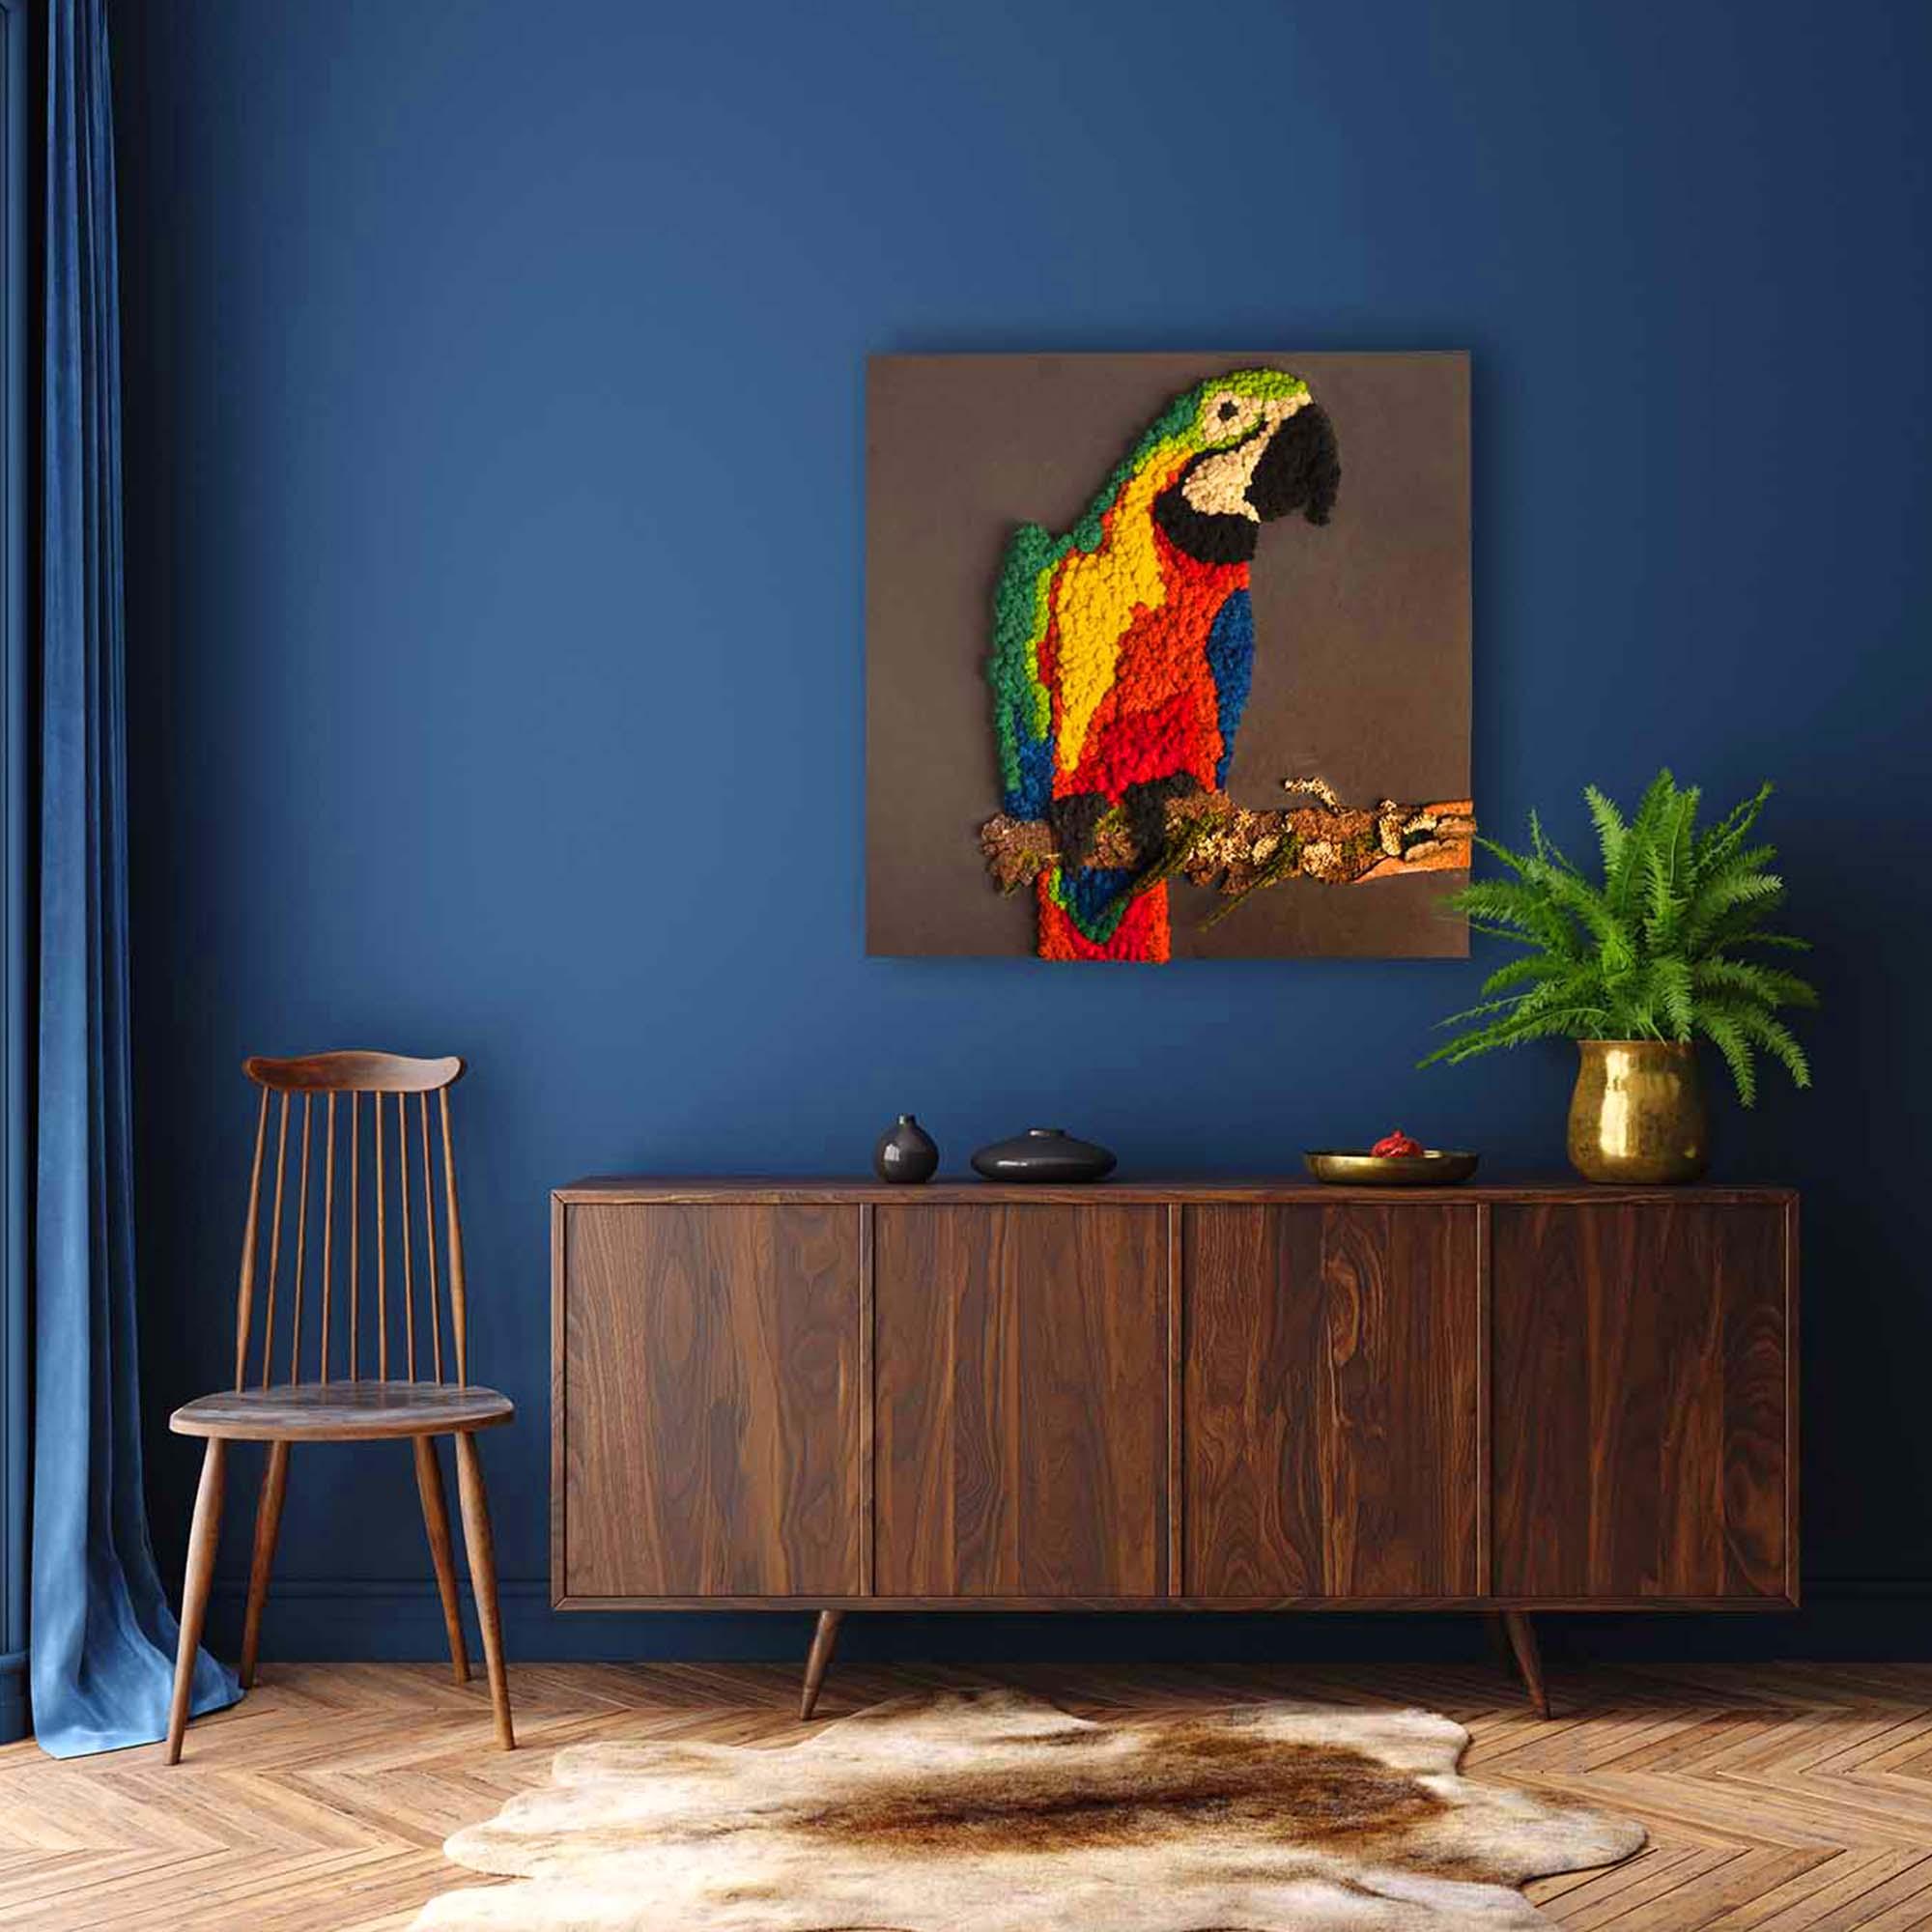 sytlischer Islandmoos Papagei auf blauem Hintergrund